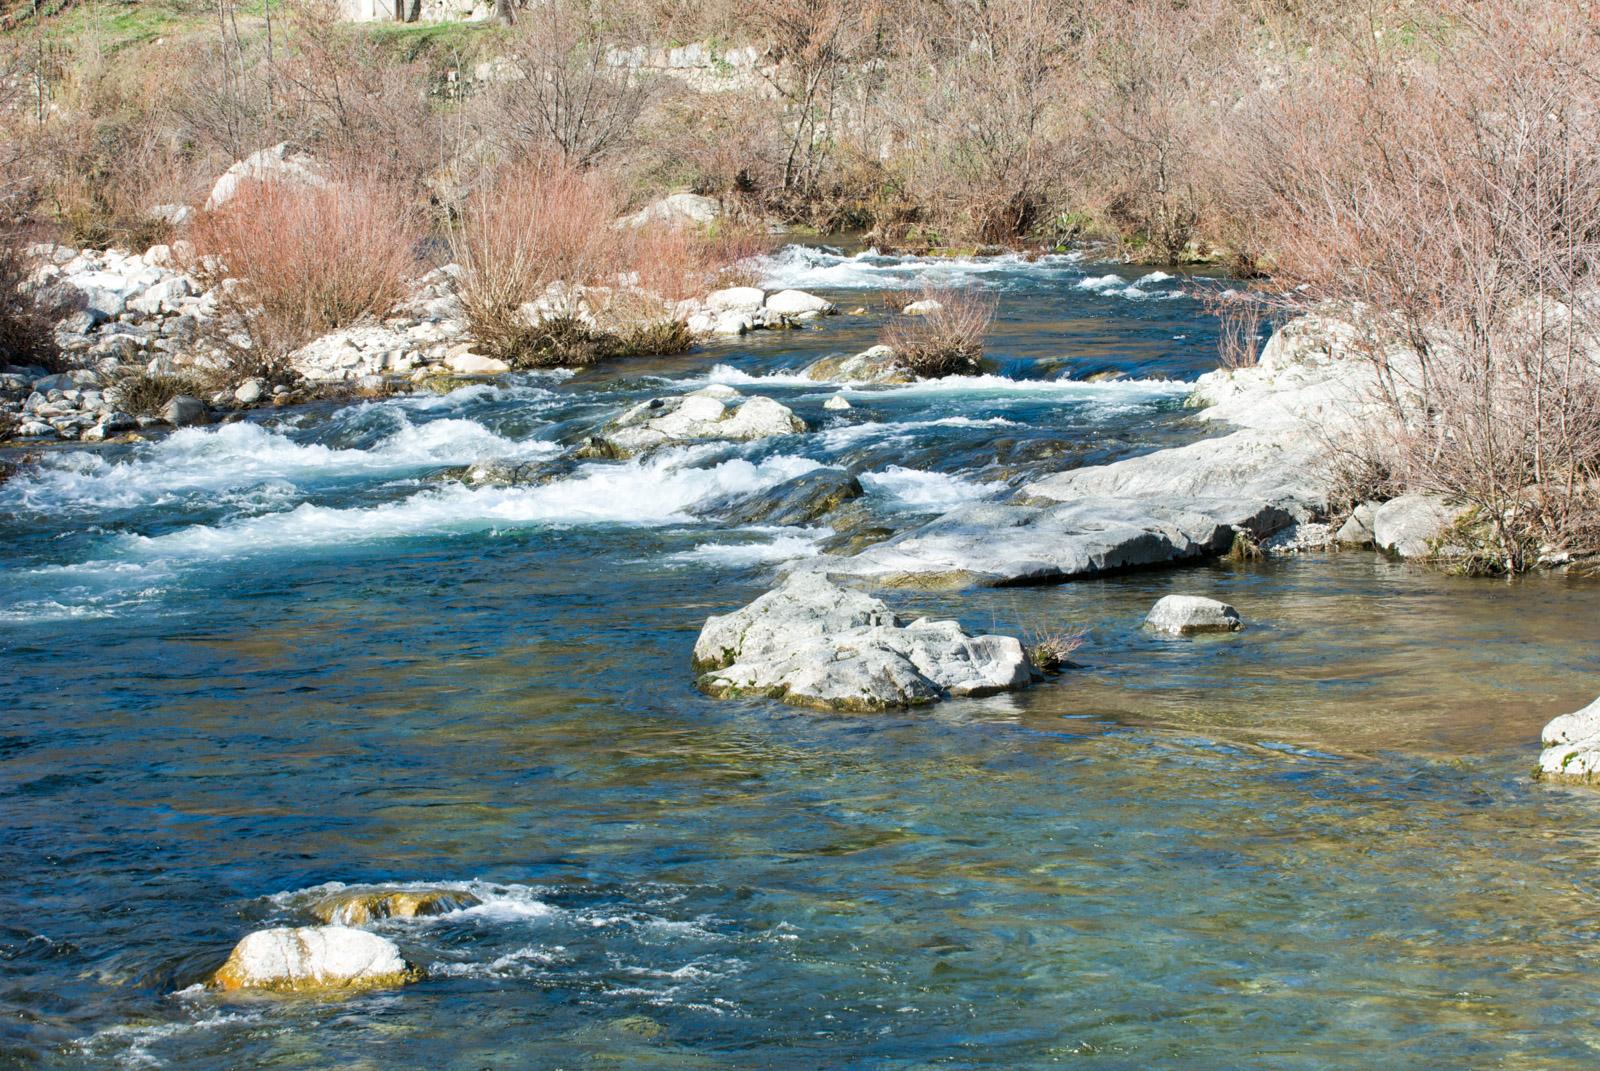 La rivière du Gardon, au cœur des Cévennes